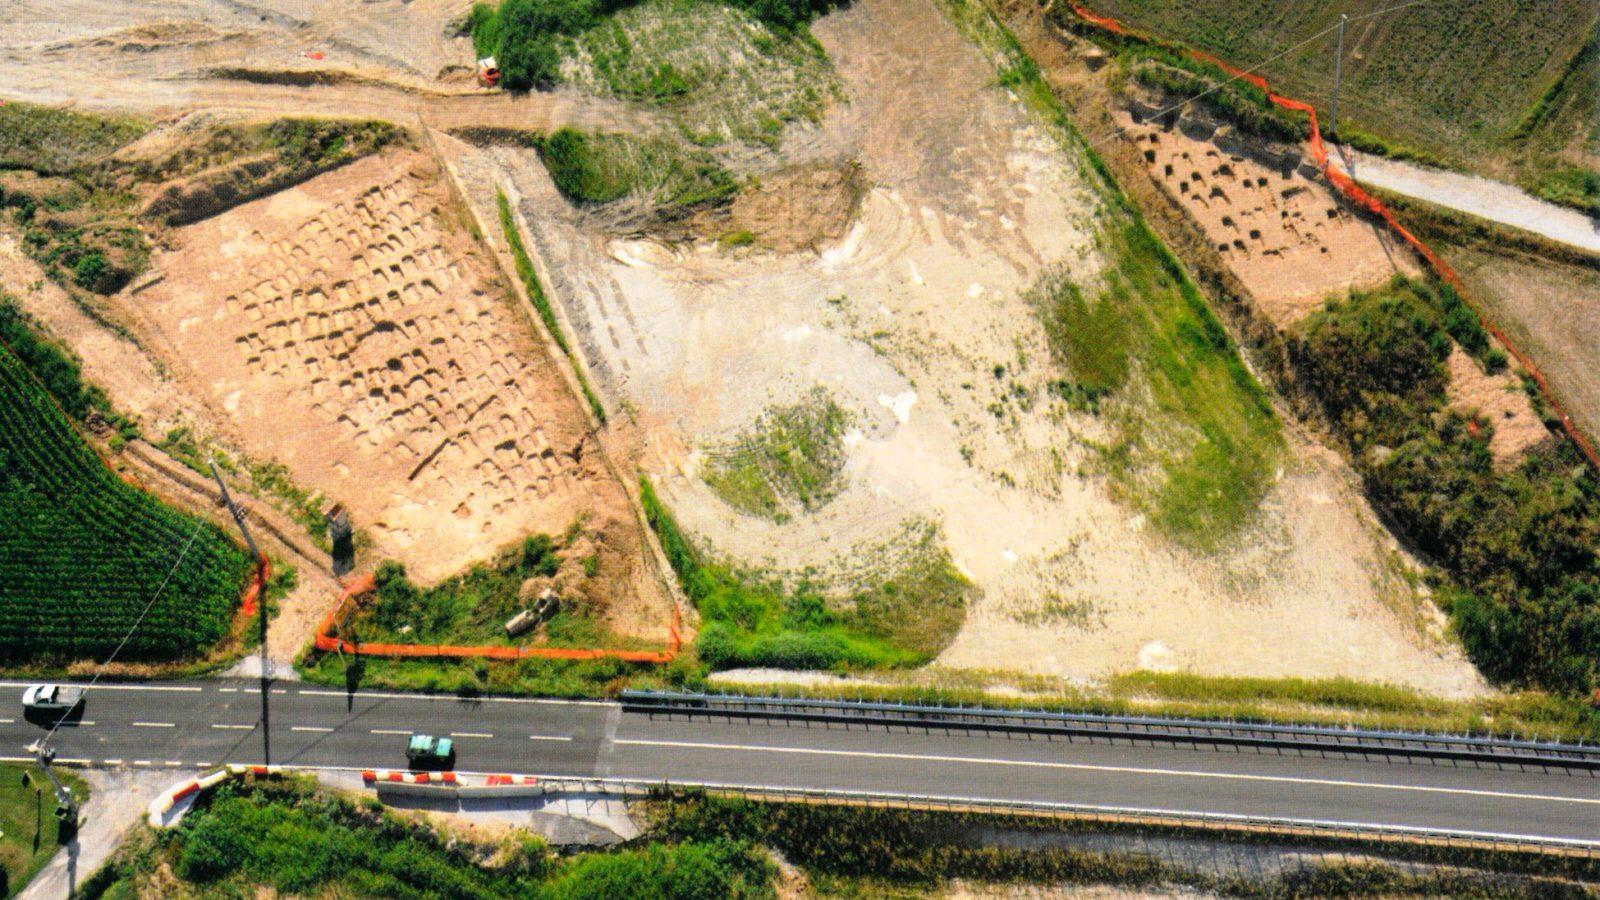 Panoramica della necropoli di Sant'Albano Stura, indagini 2011 (Anas, L'archeologia si fa strada. Scavi, scoperte e tesori lungo le vie d'Italia, 2017)